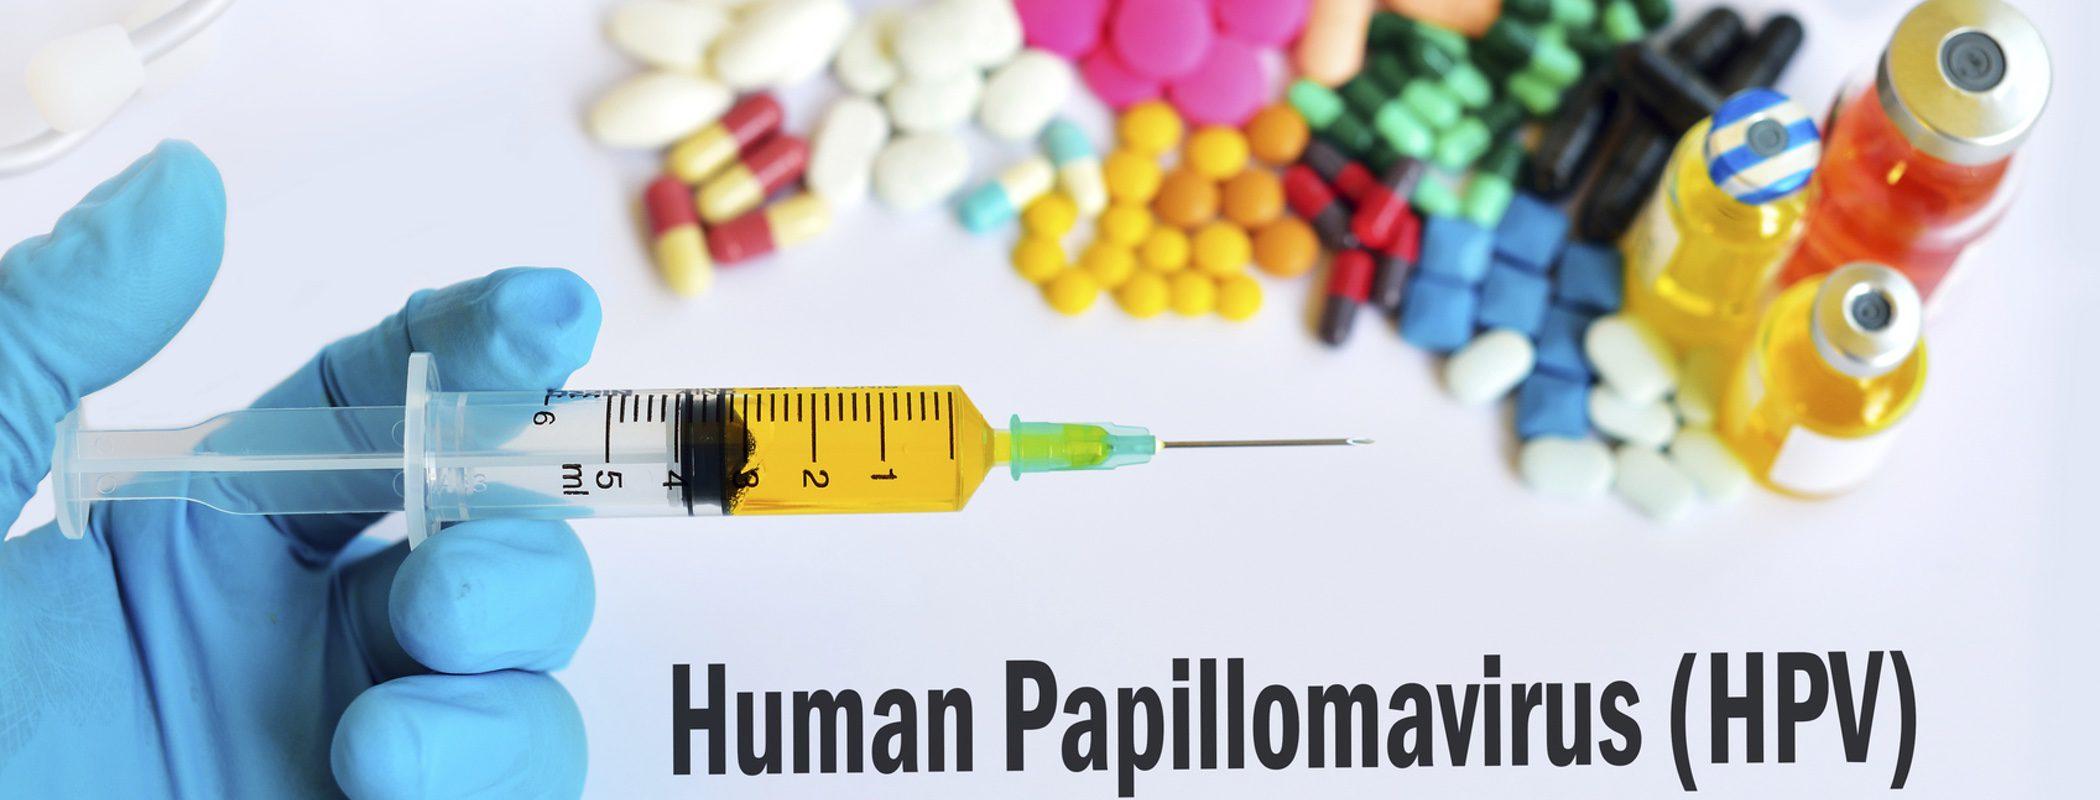 Vacuna contra el Virus del Papiloma Humano: ¿Es útil para luchar contra el VPH?